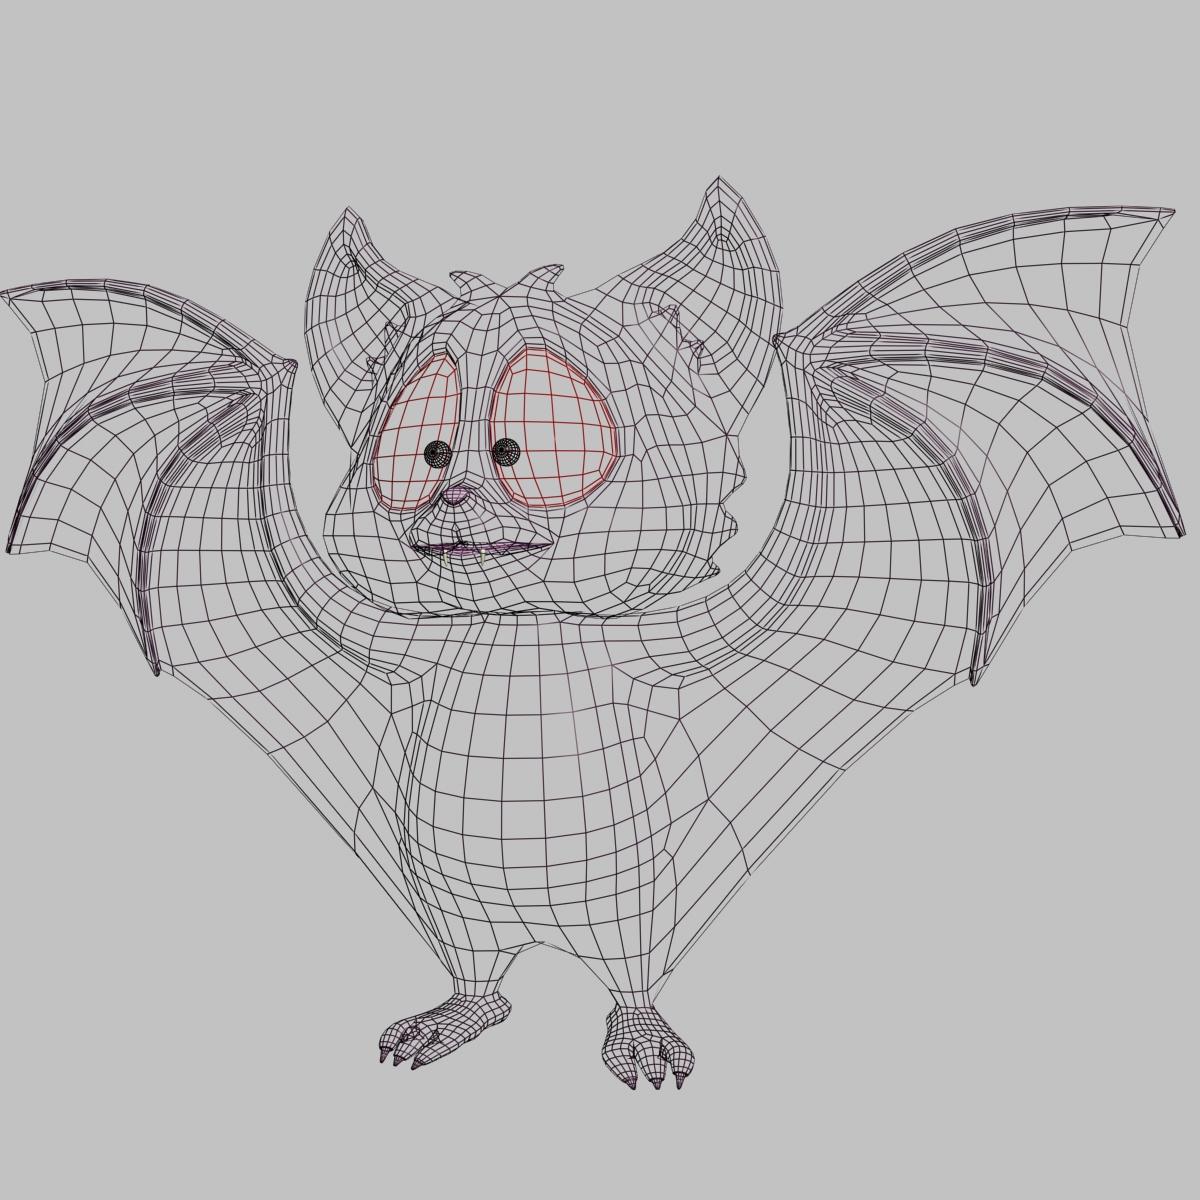 karikatūra sikspārnis rigged un animācijas 3d modelis 3ds max fbx obj 218280